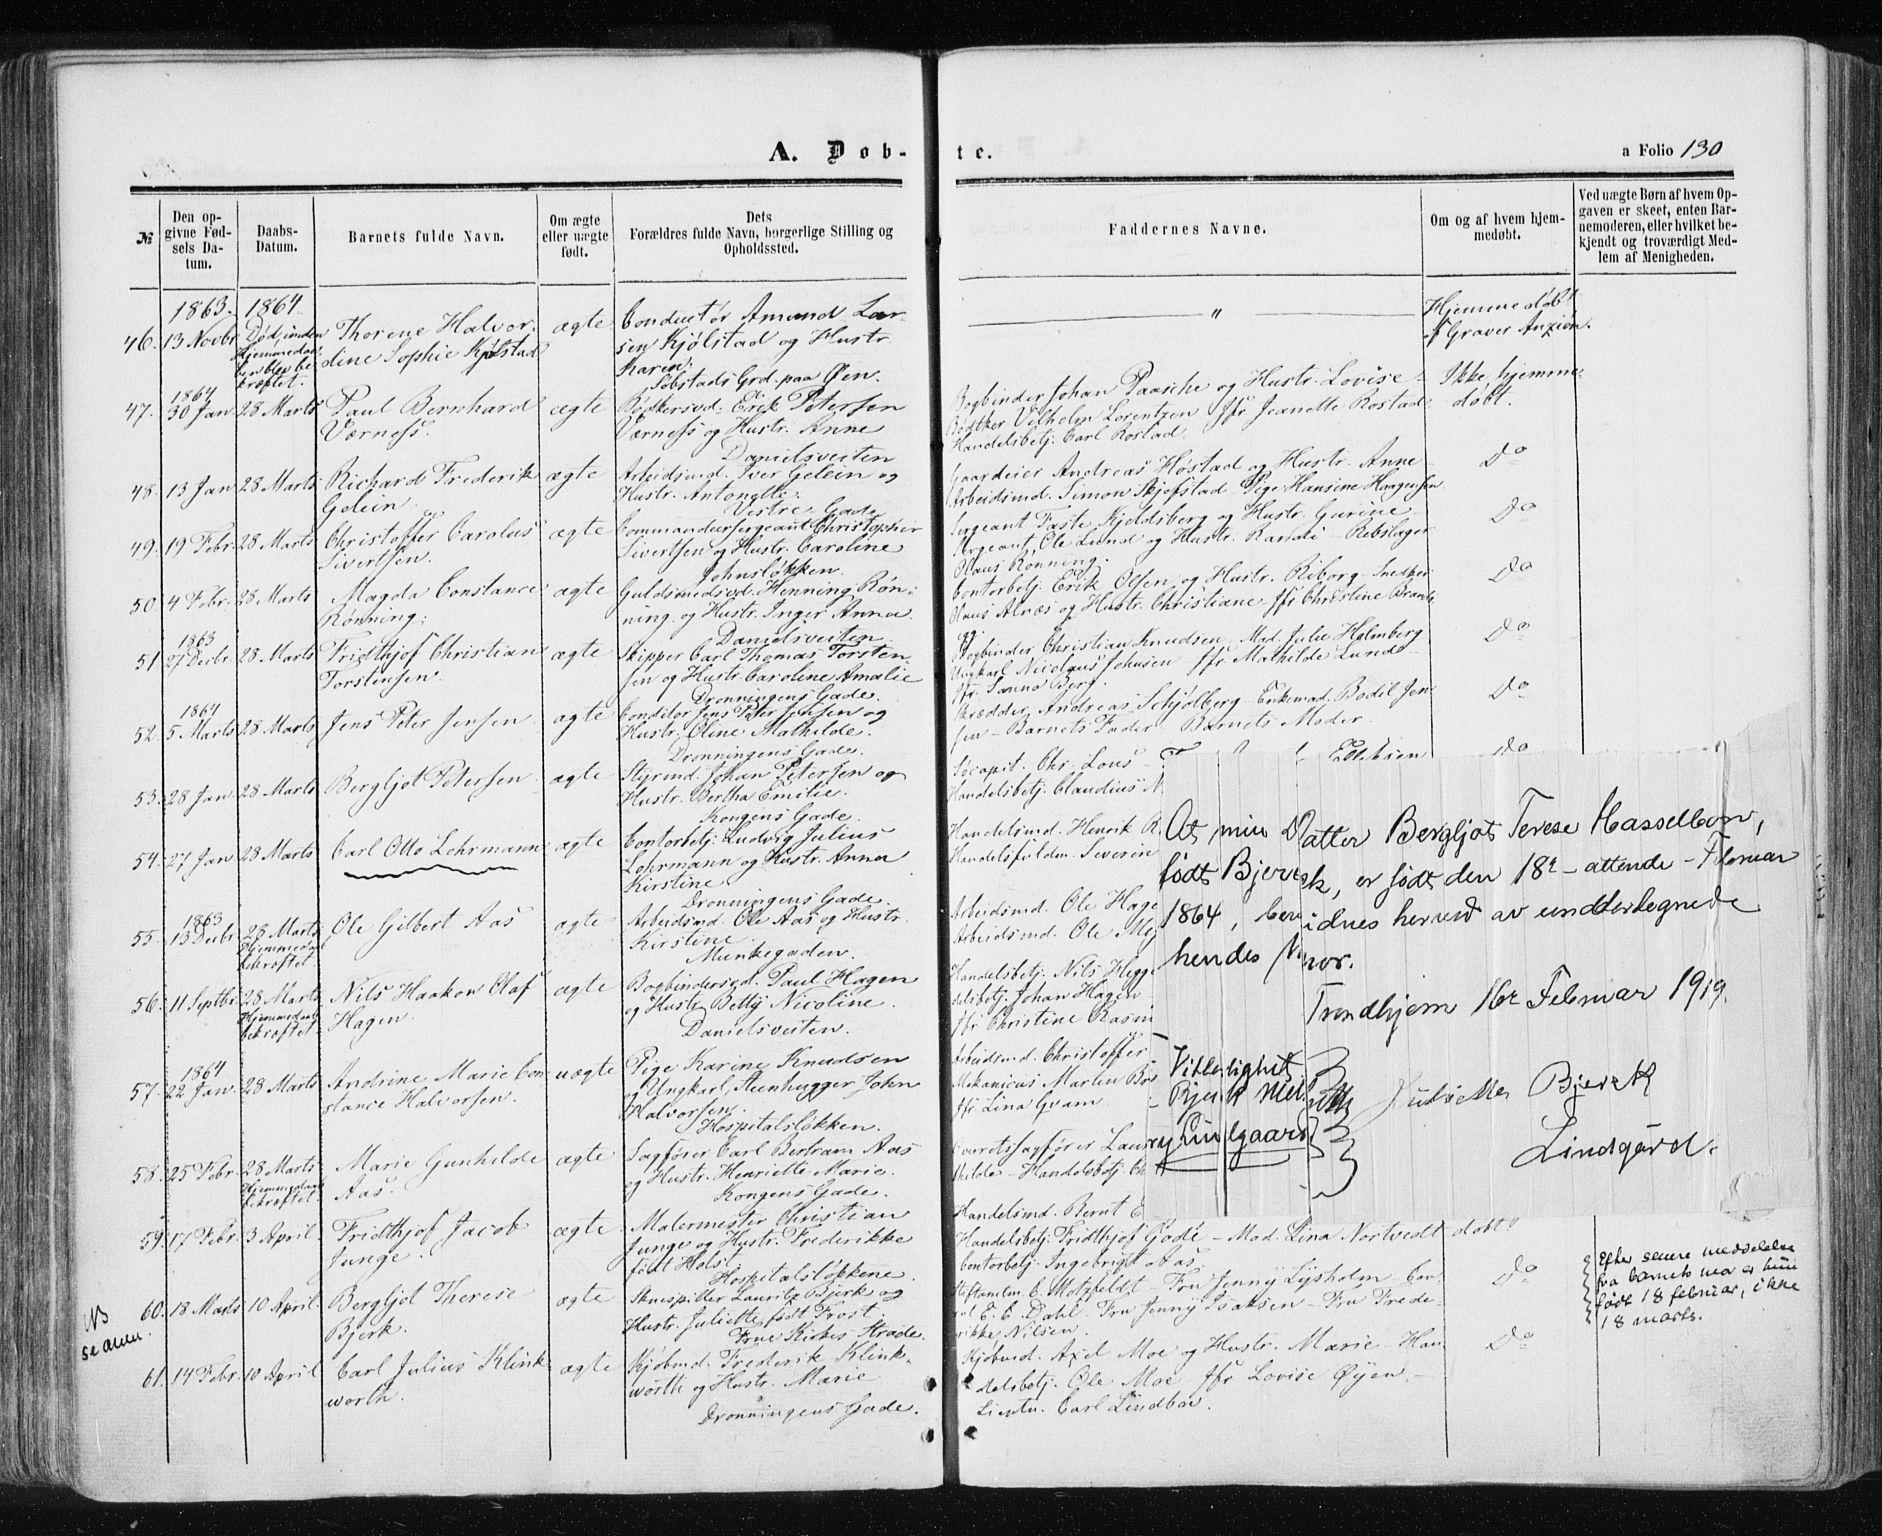 SAT, Ministerialprotokoller, klokkerbøker og fødselsregistre - Sør-Trøndelag, 601/L0053: Ministerialbok nr. 601A21, 1857-1865, s. 130